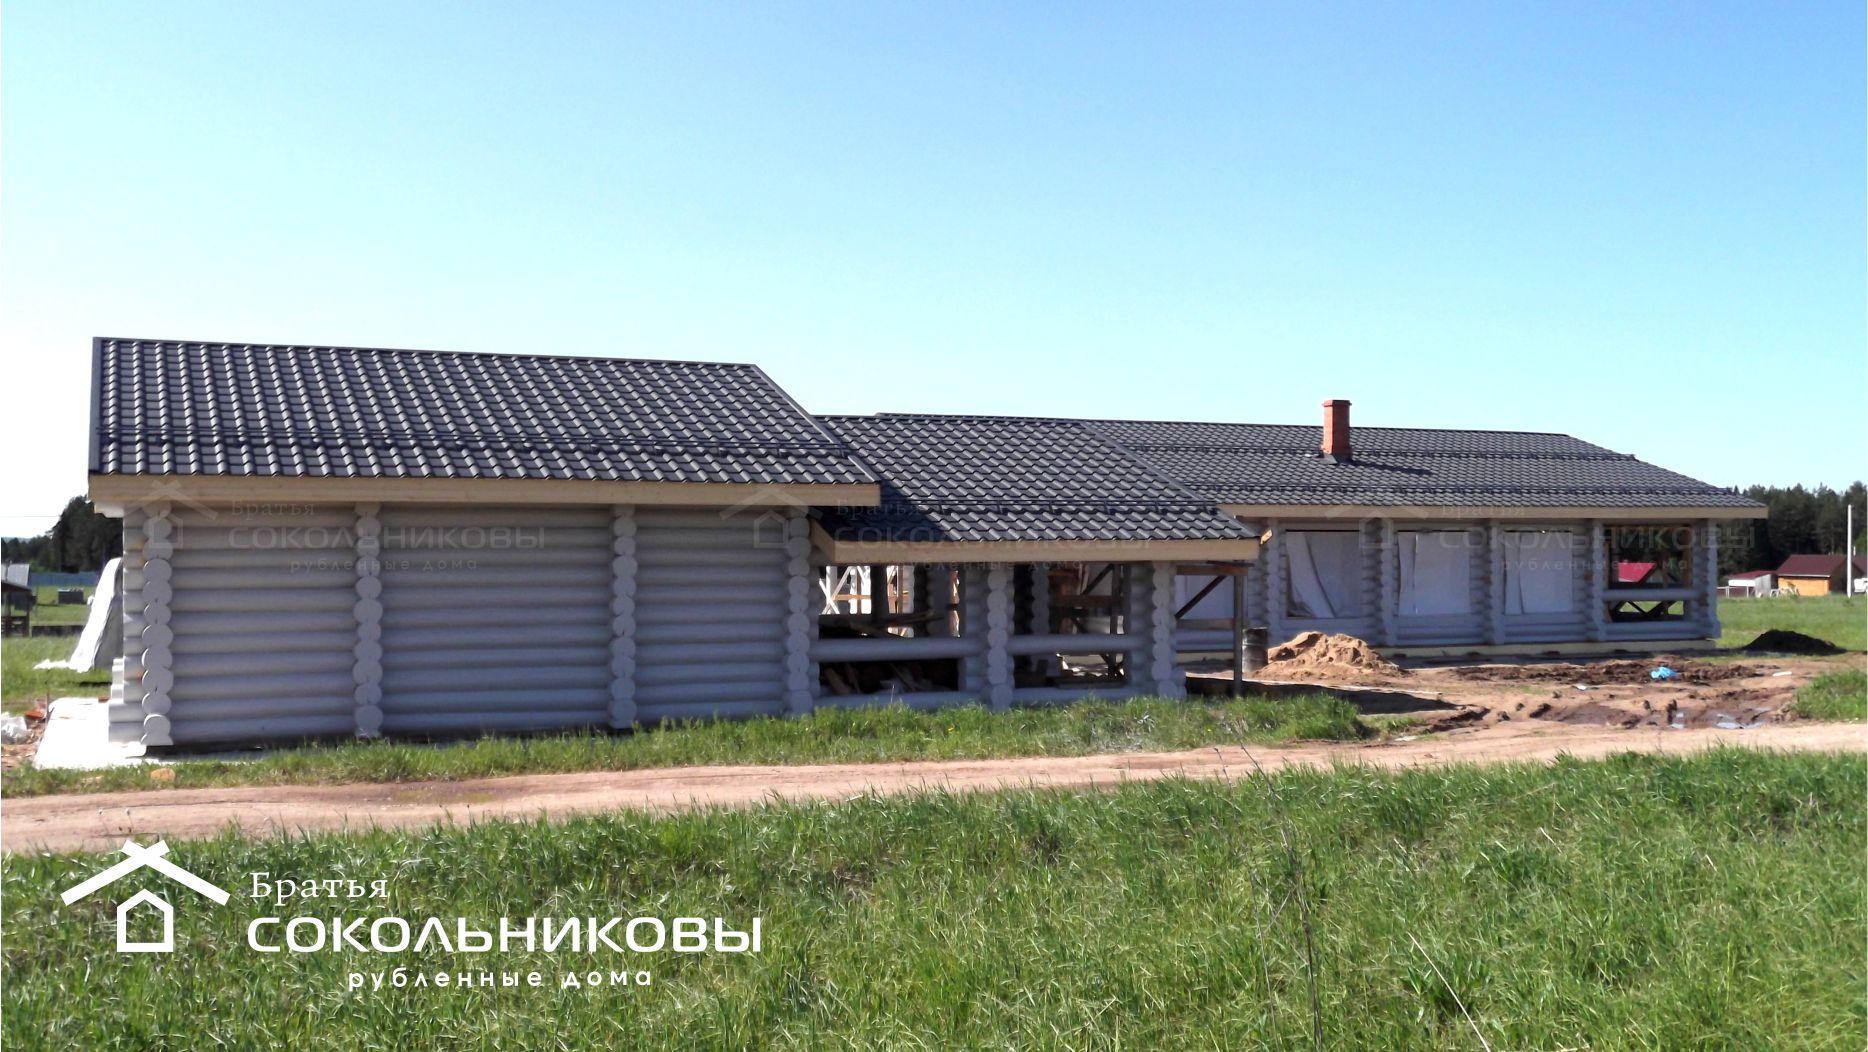 Дом под рубанок, 180 кв. м, фото 1